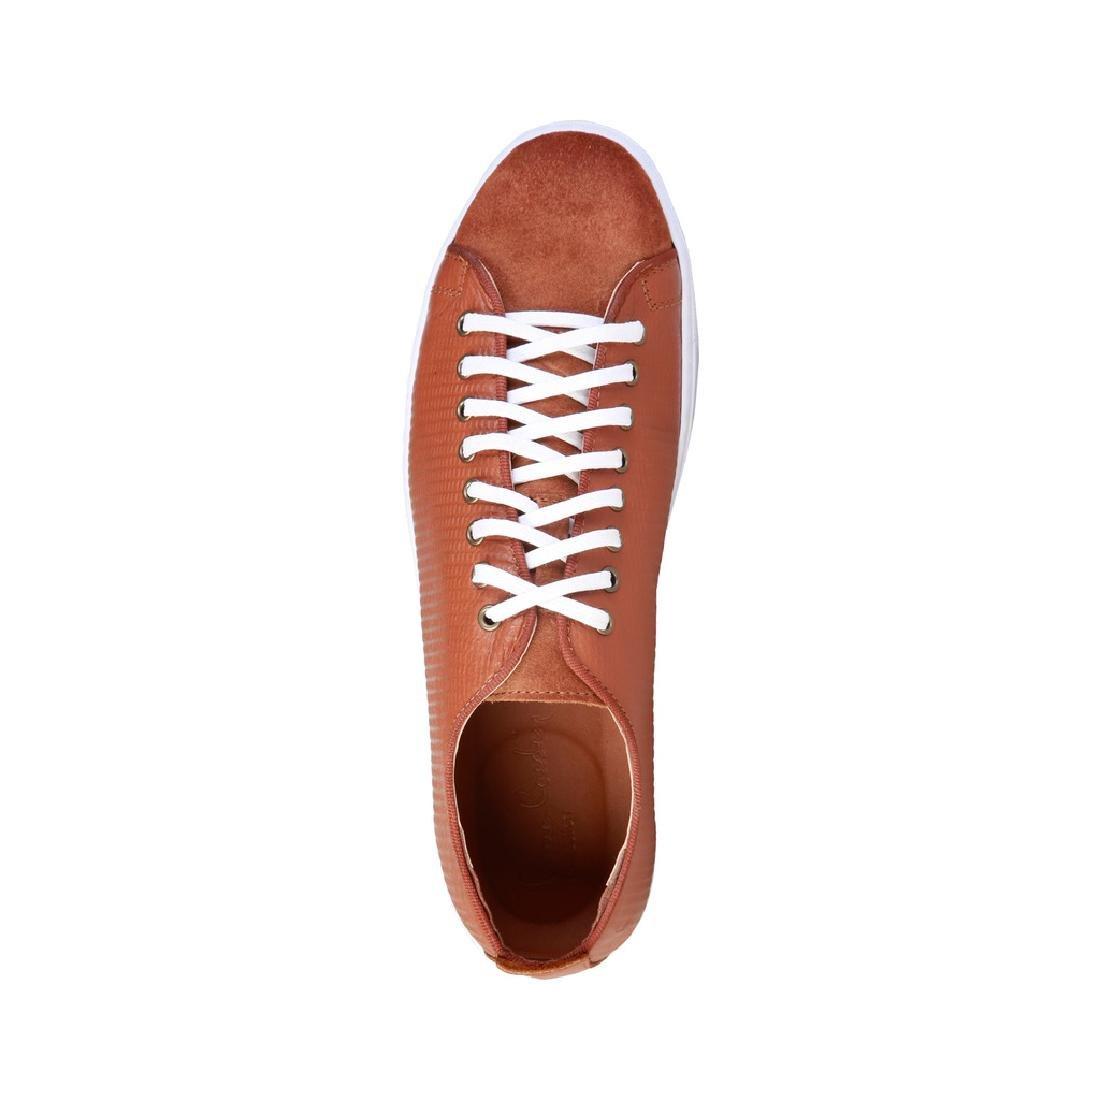 Men's Pierre Cardin Sneakers Shoes US 12 - 4